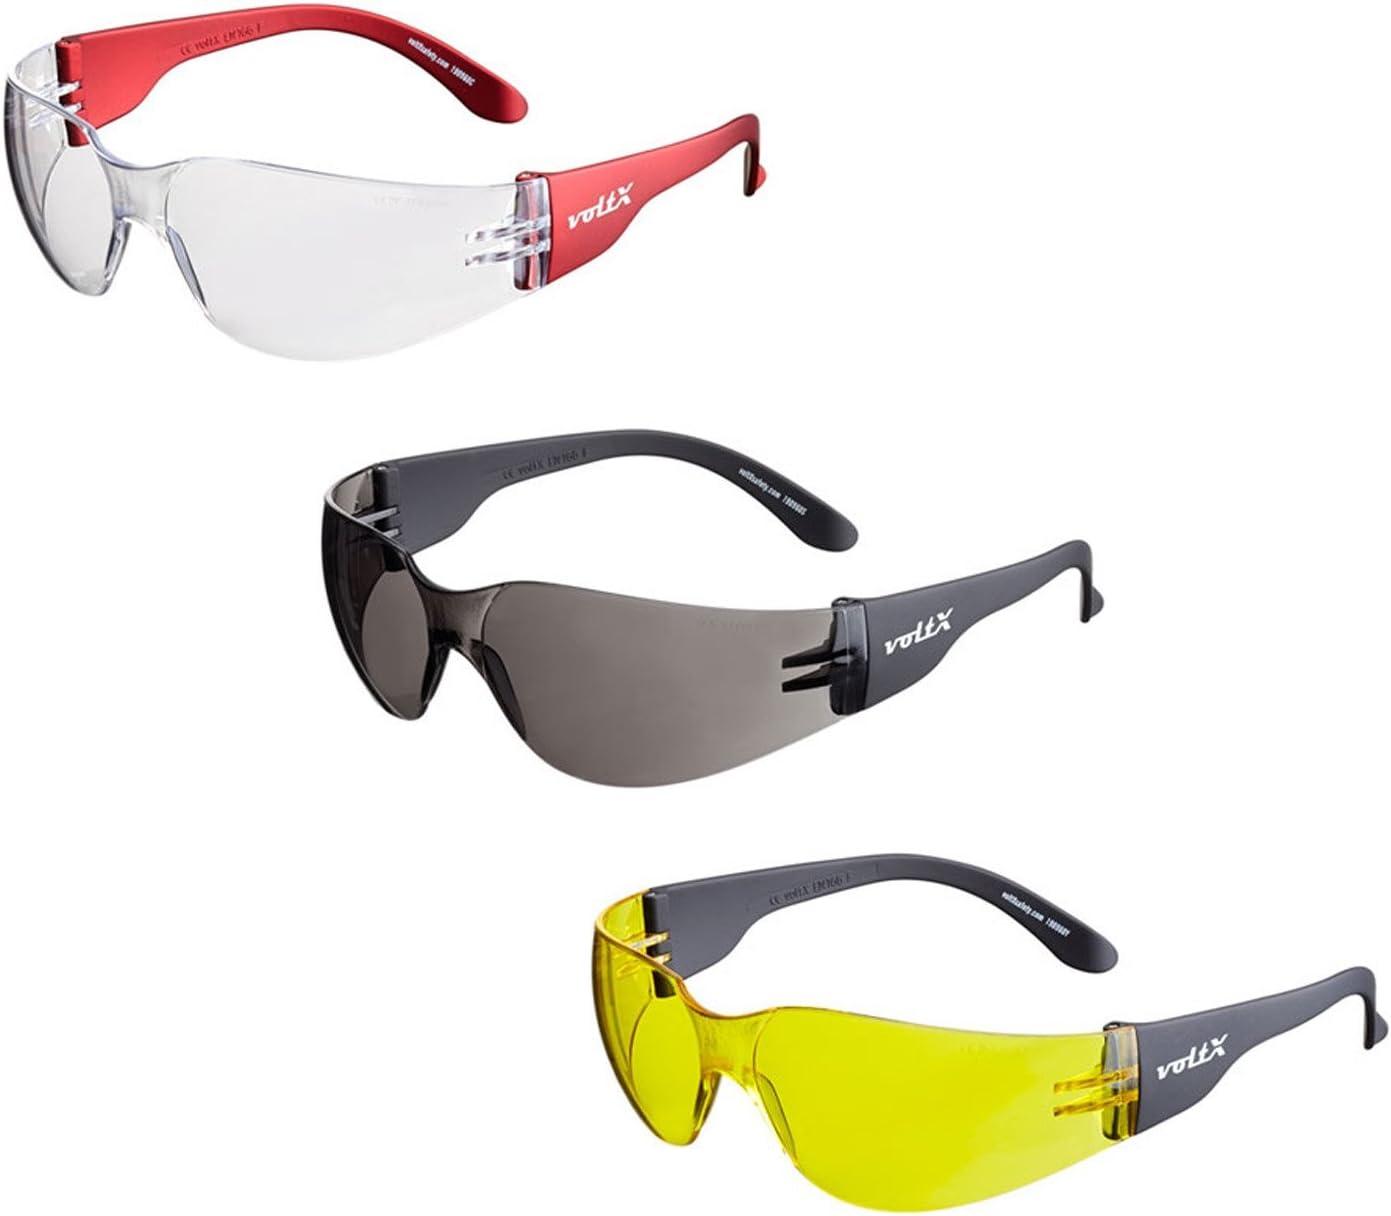 3 x voltX 'GRAFTER' Gafas de seguridad industriales ligeras, Certificado CE EN166F / Gafas de Ciclismo (Colores Mixtos: 1 x transparente 1 x ahumado 1 x amarillo - sin dioptría) – Safety Reading Glass